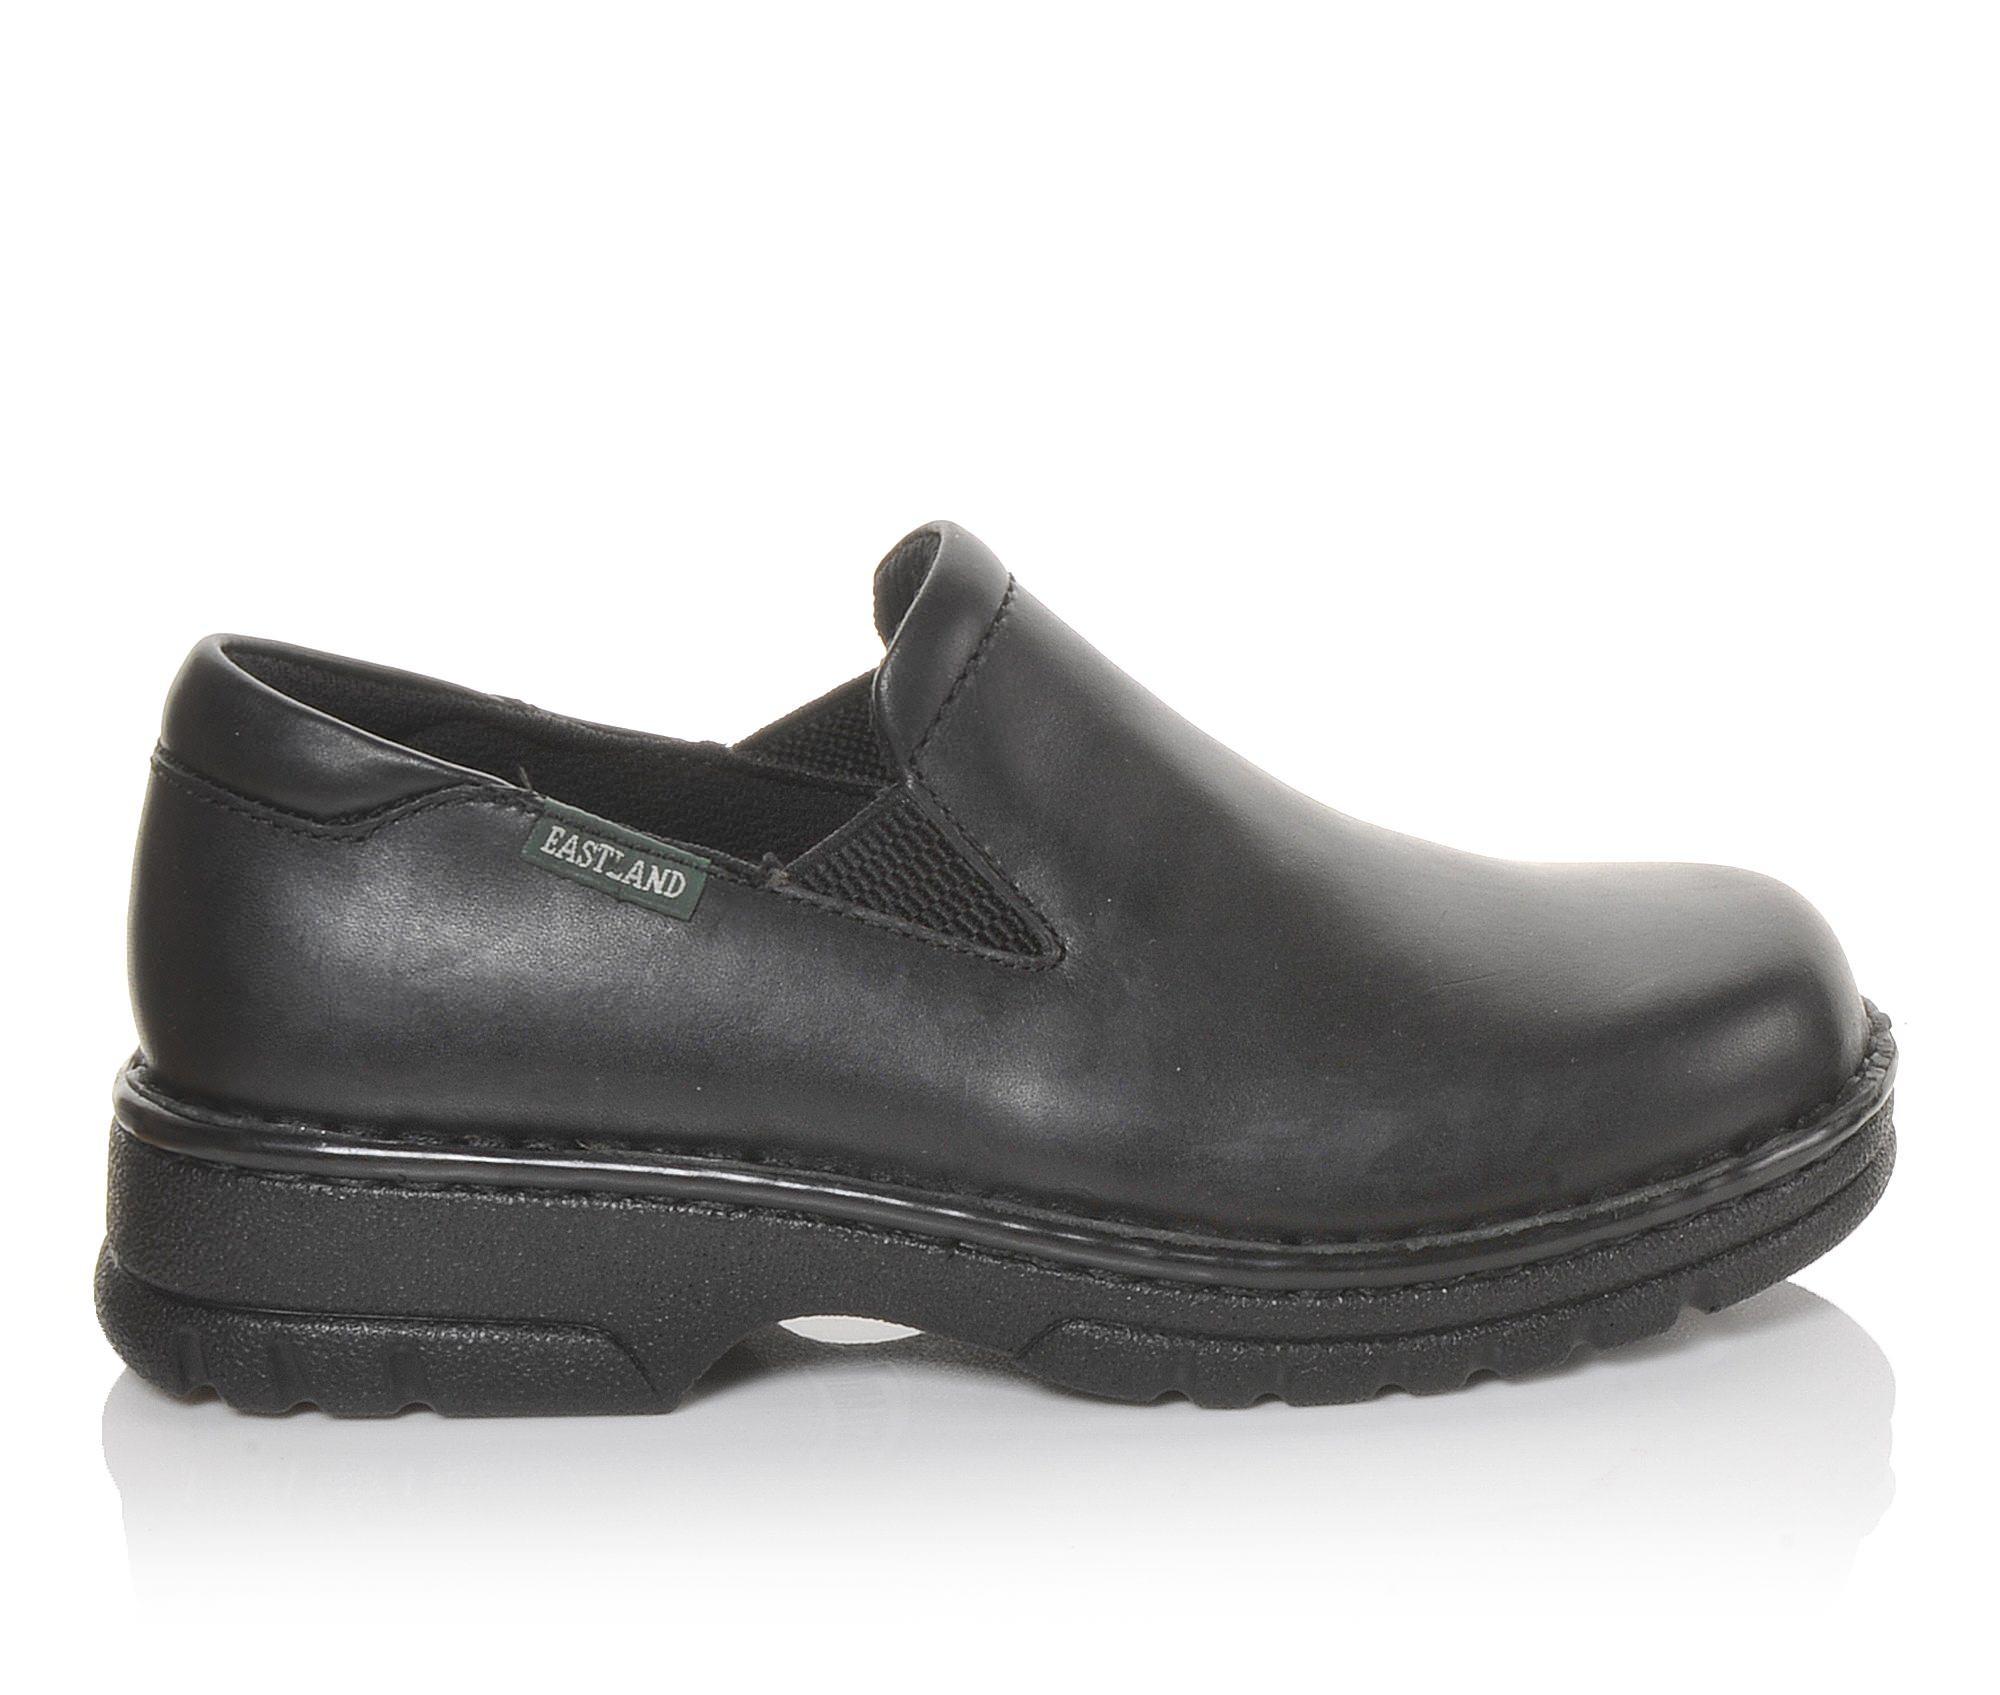 Eastland Newport Women's Shoe (Black Leather)